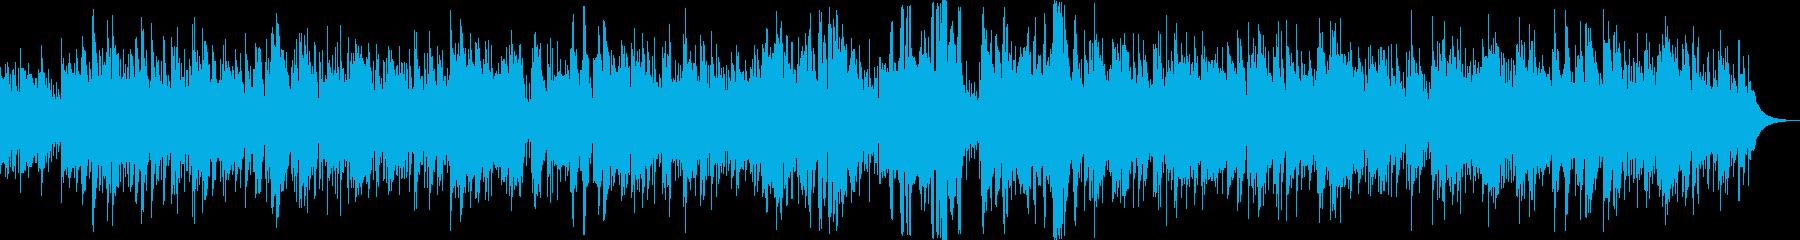 ピアノの優しいモダンジャズの再生済みの波形